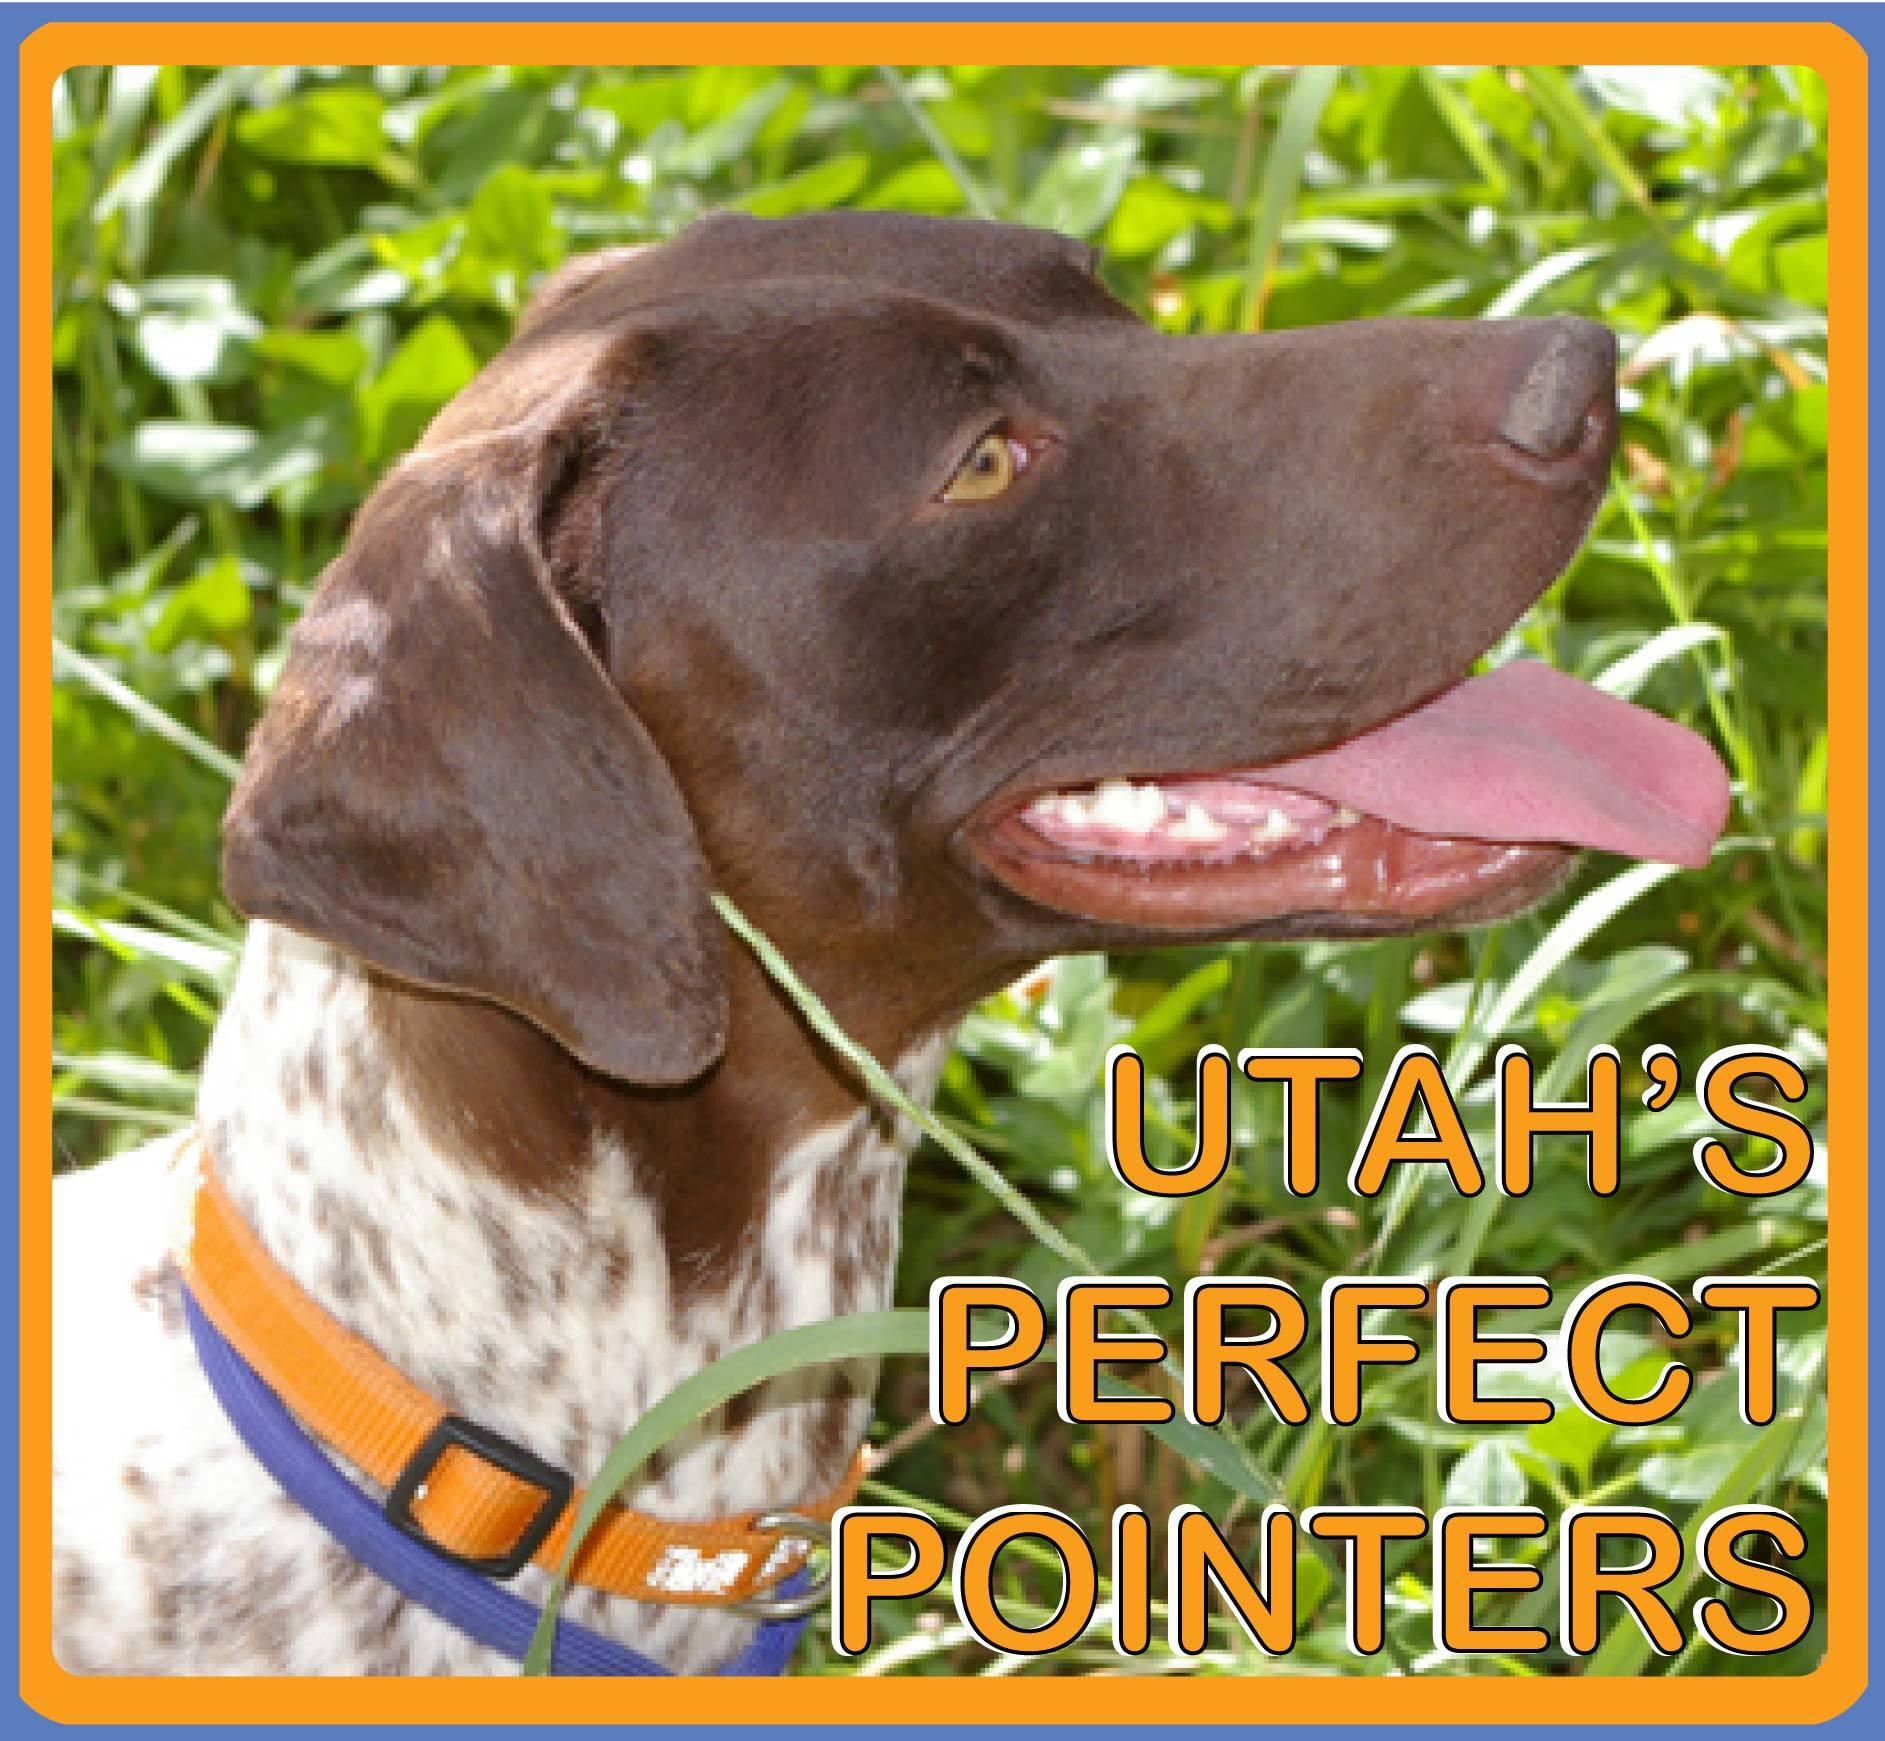 Utah's Perfect Pointers